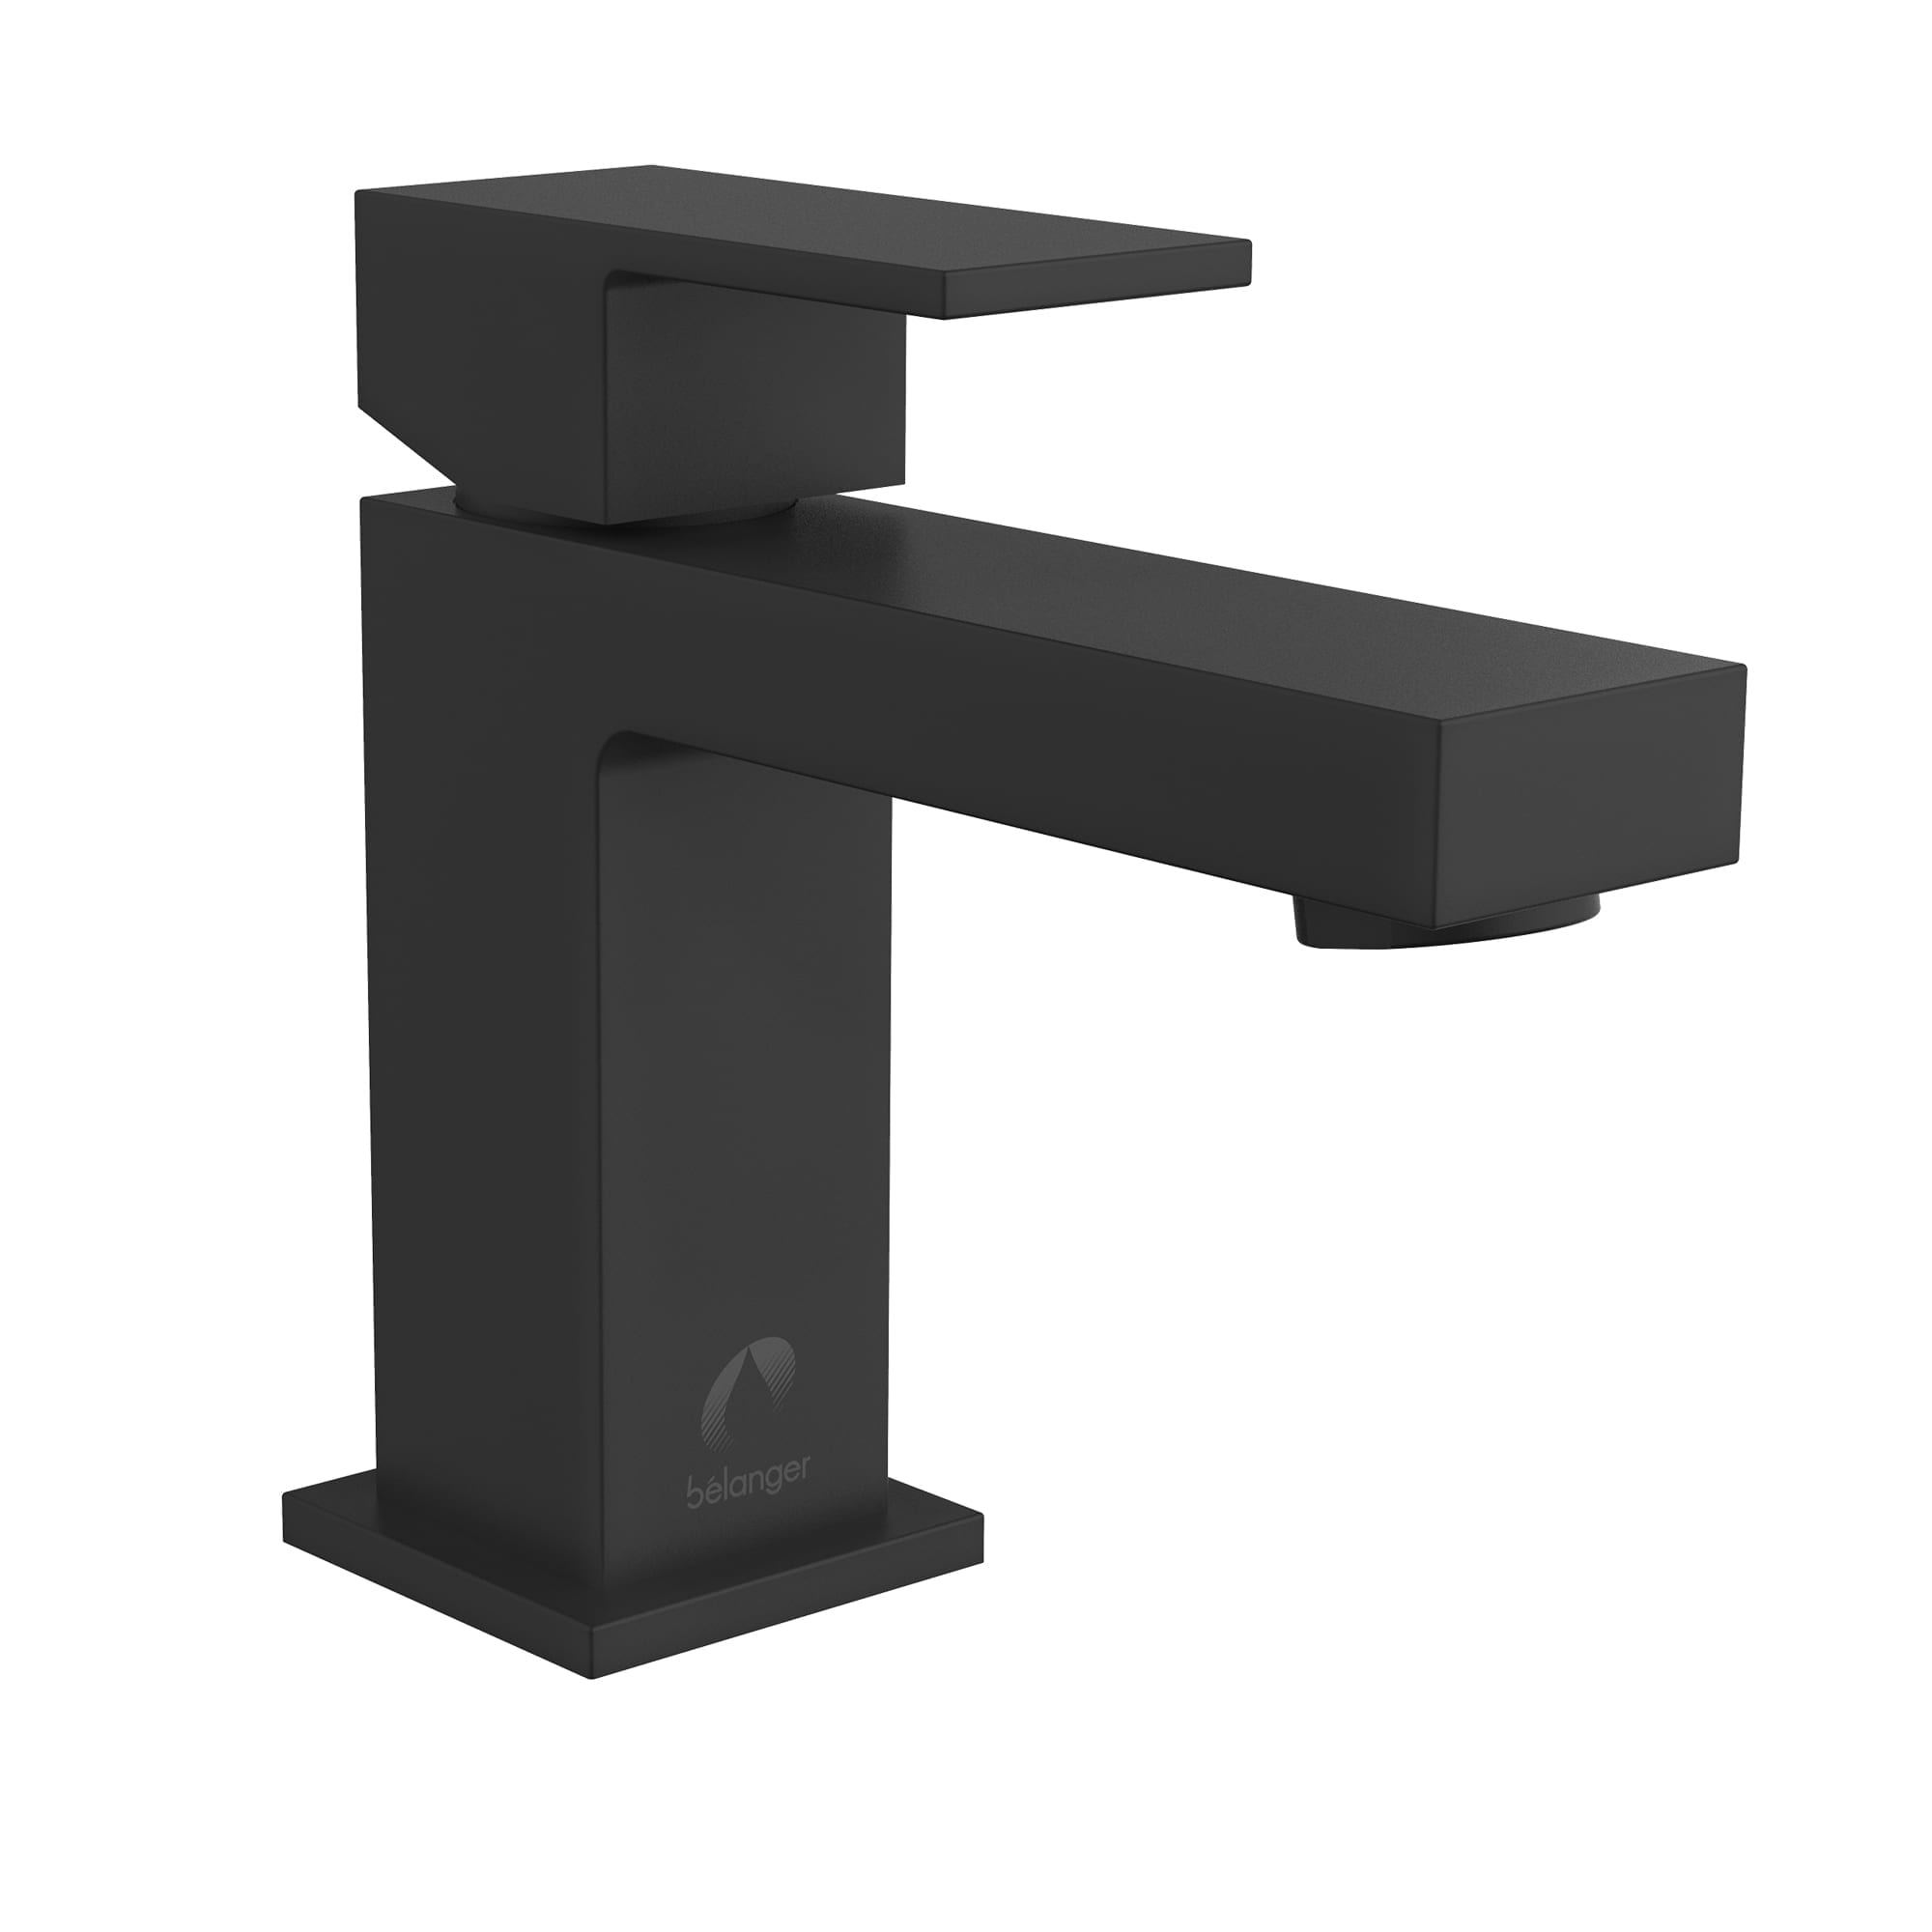 robinet noir mat pour lavabo de salle de bain b langer upt. Black Bedroom Furniture Sets. Home Design Ideas